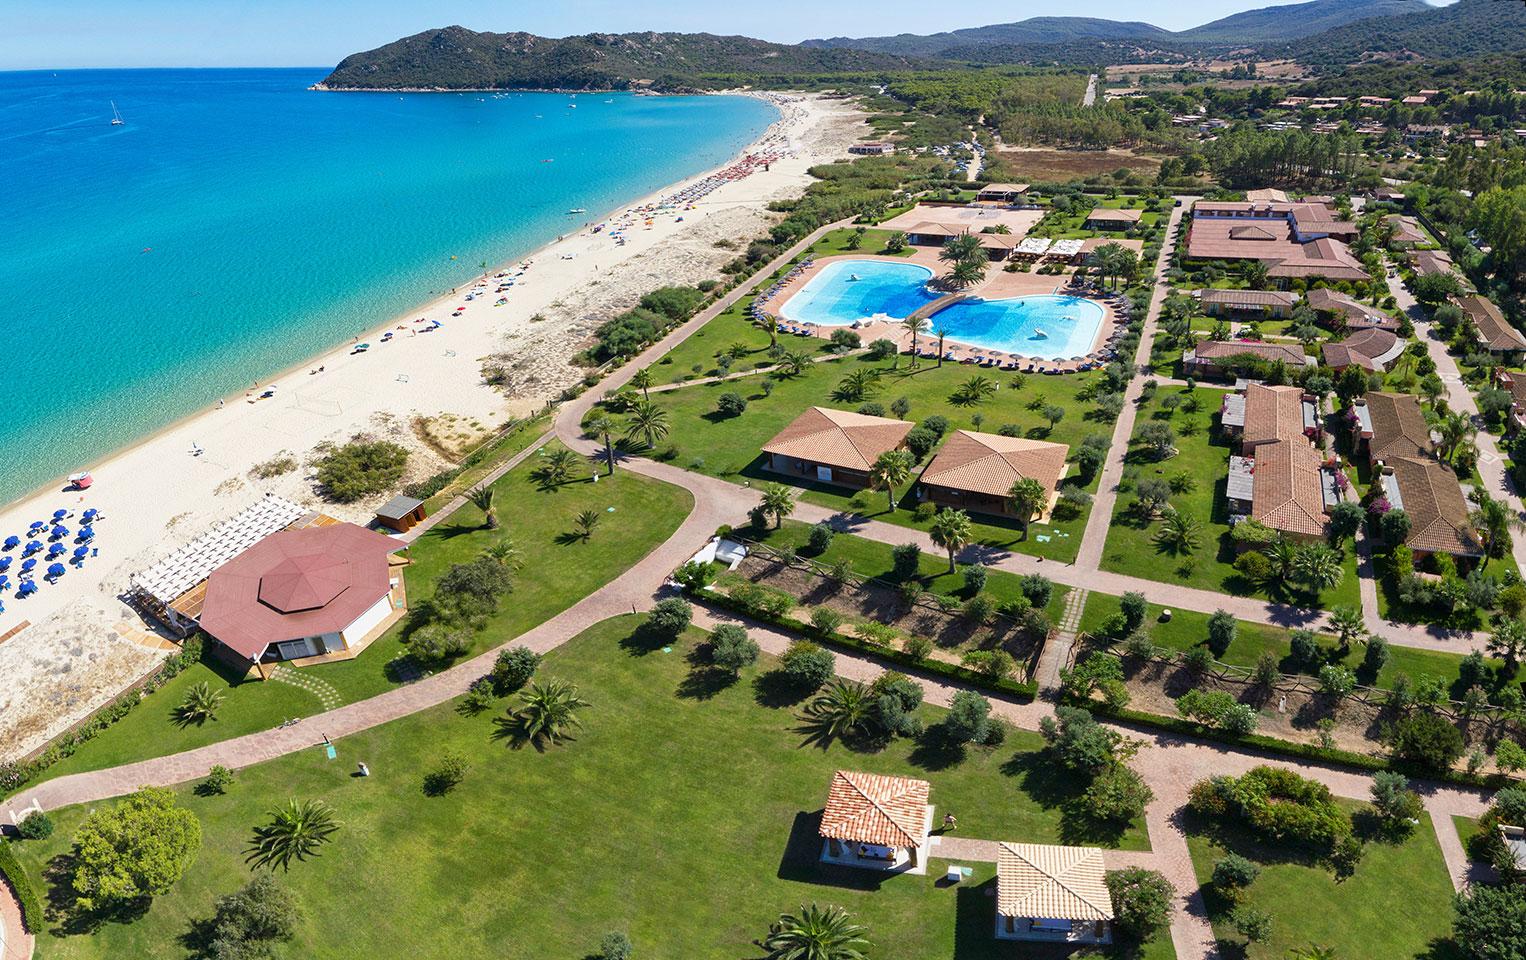 Photo Gallery Hotel Garden Beach